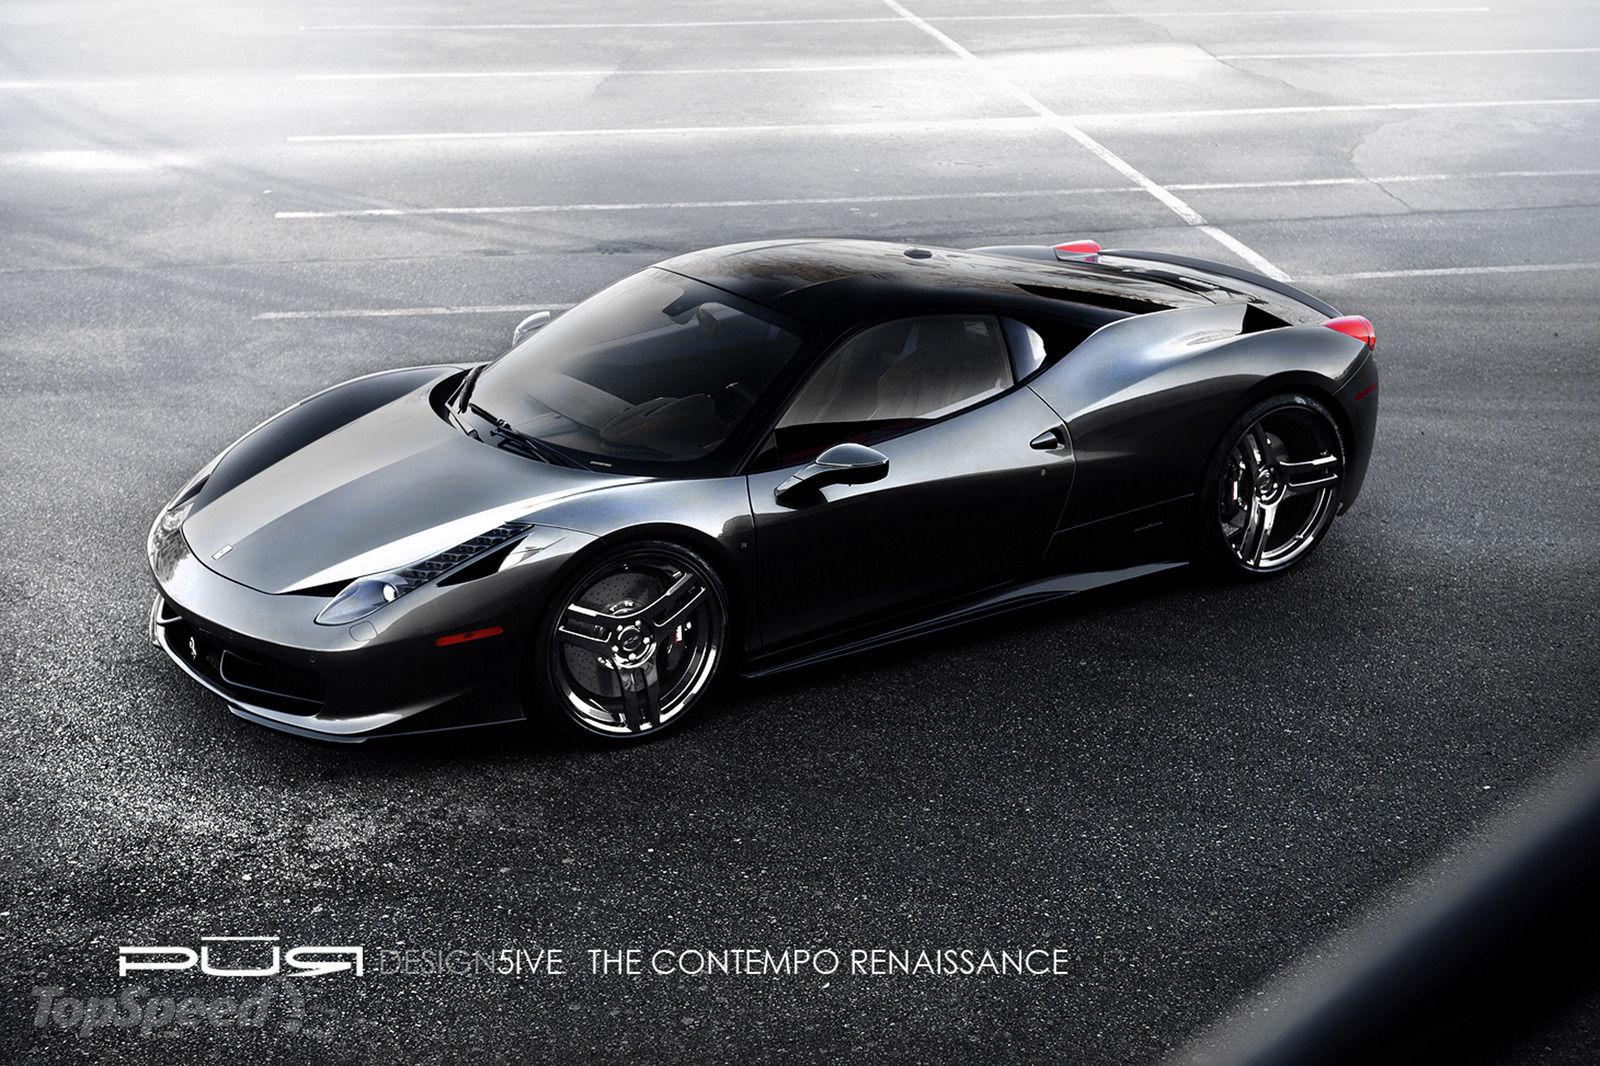 Ferrari 458 italia 2012 motor cars ferrari 458 italia 2012 car stylish latest images pictures vanachro Image collections